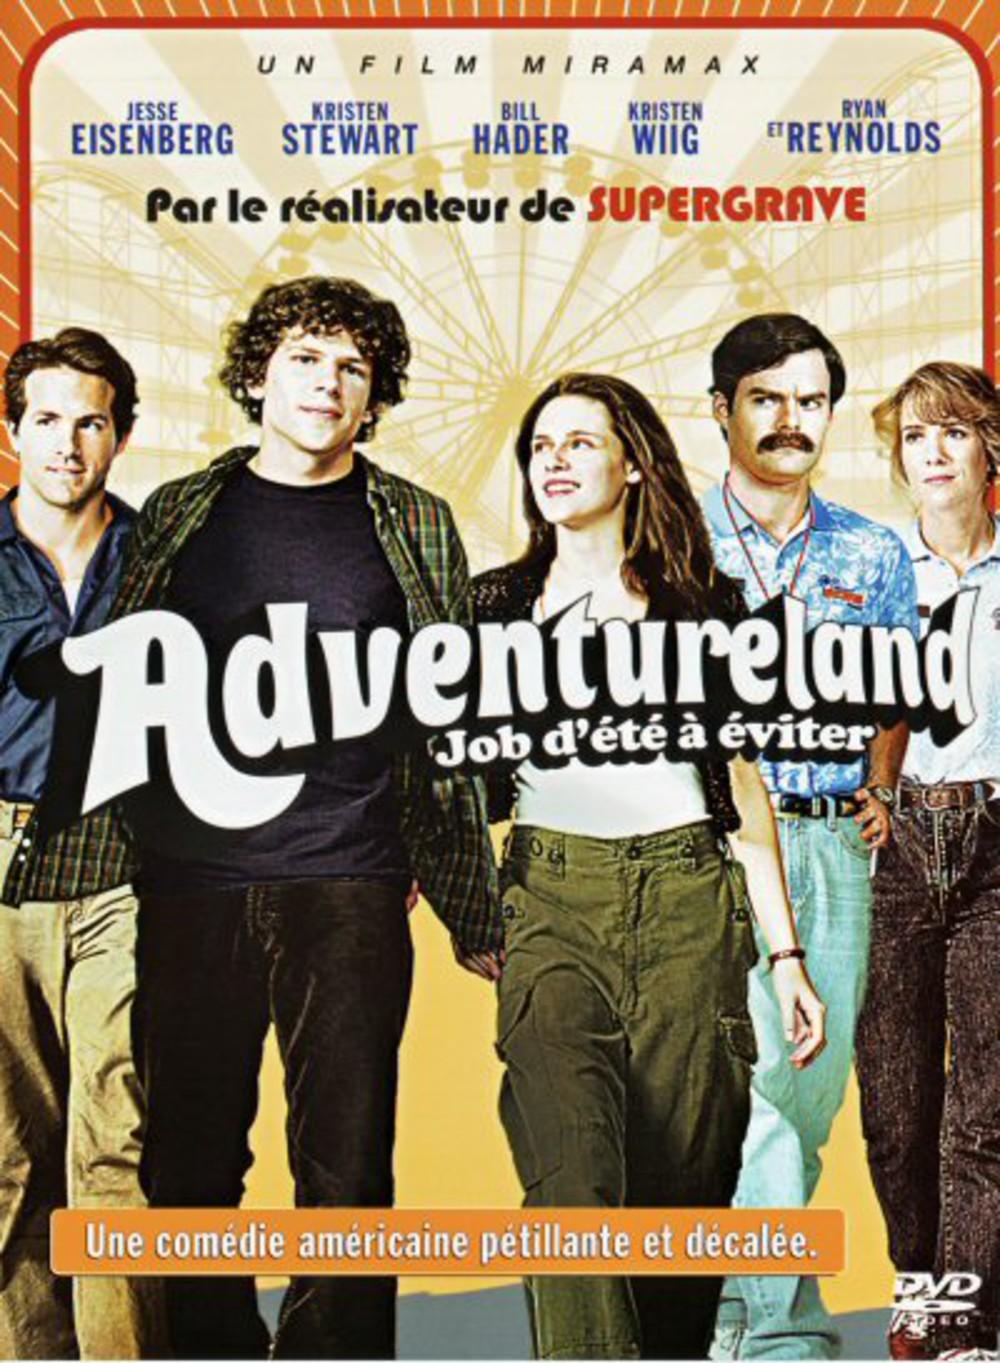 affiche du film Adventureland - Job d'été à éviter